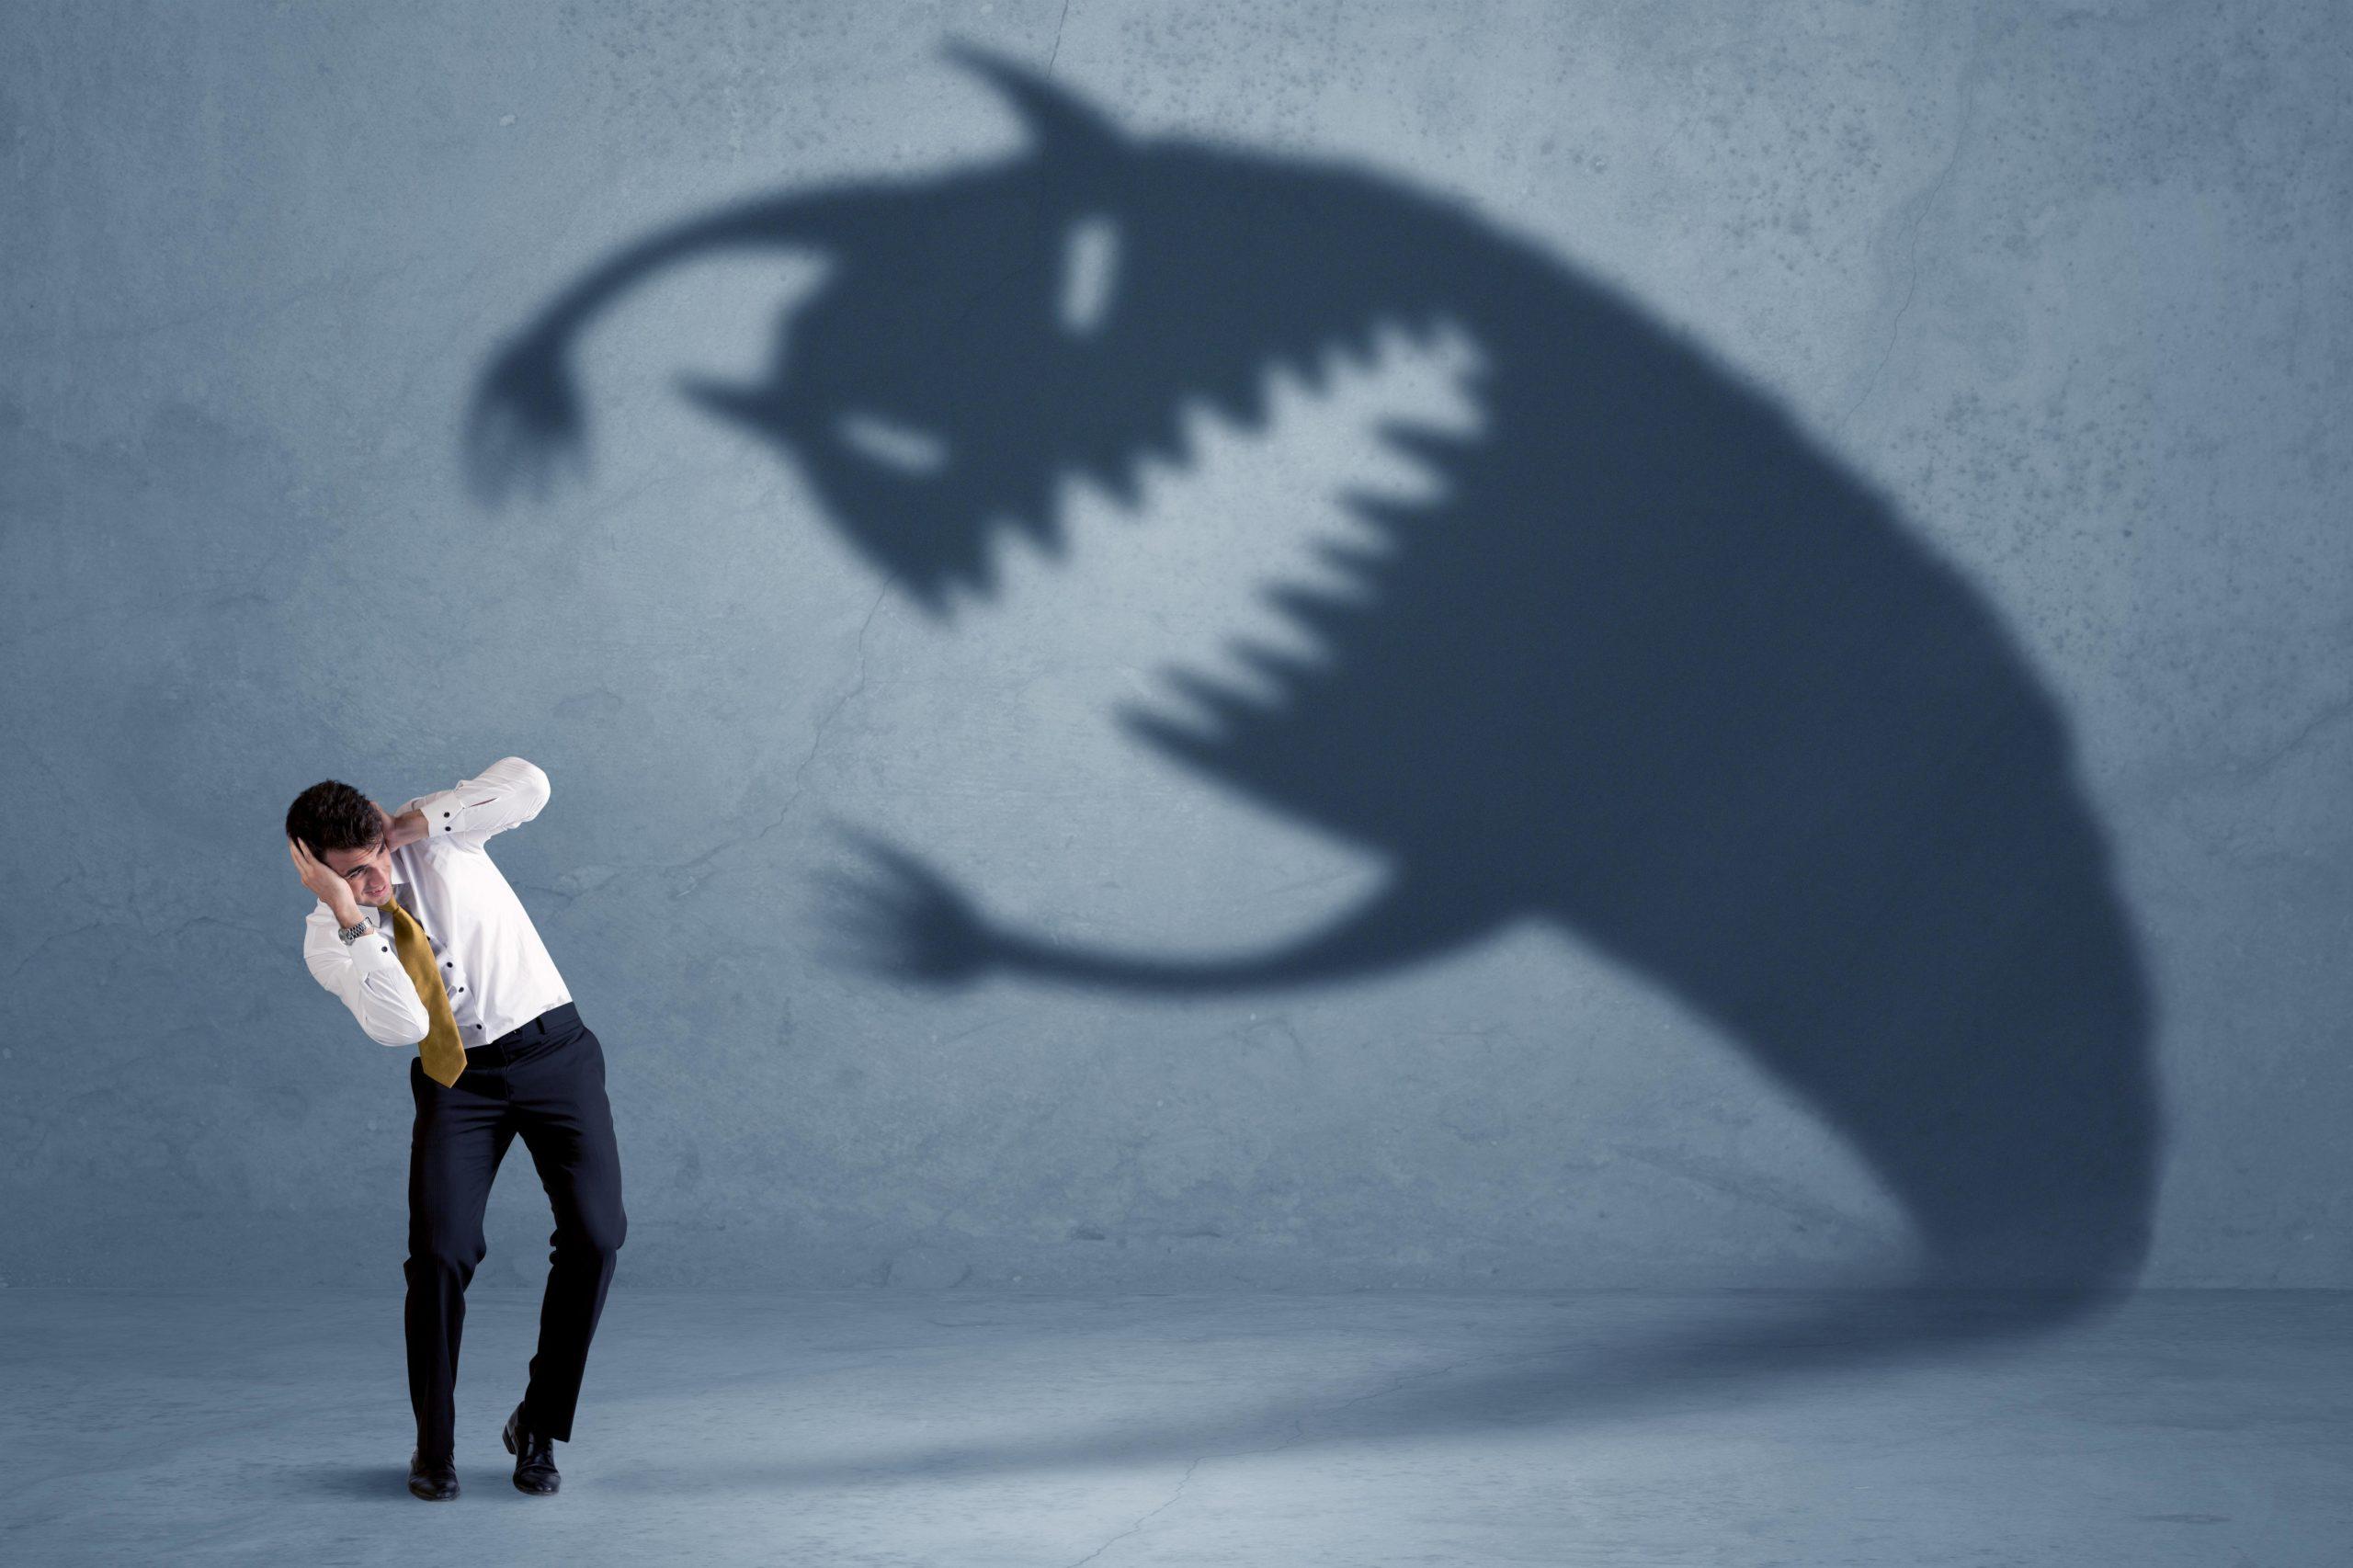 近年急増する悪質クレーマー! 働き手や企業をどう守るのか?